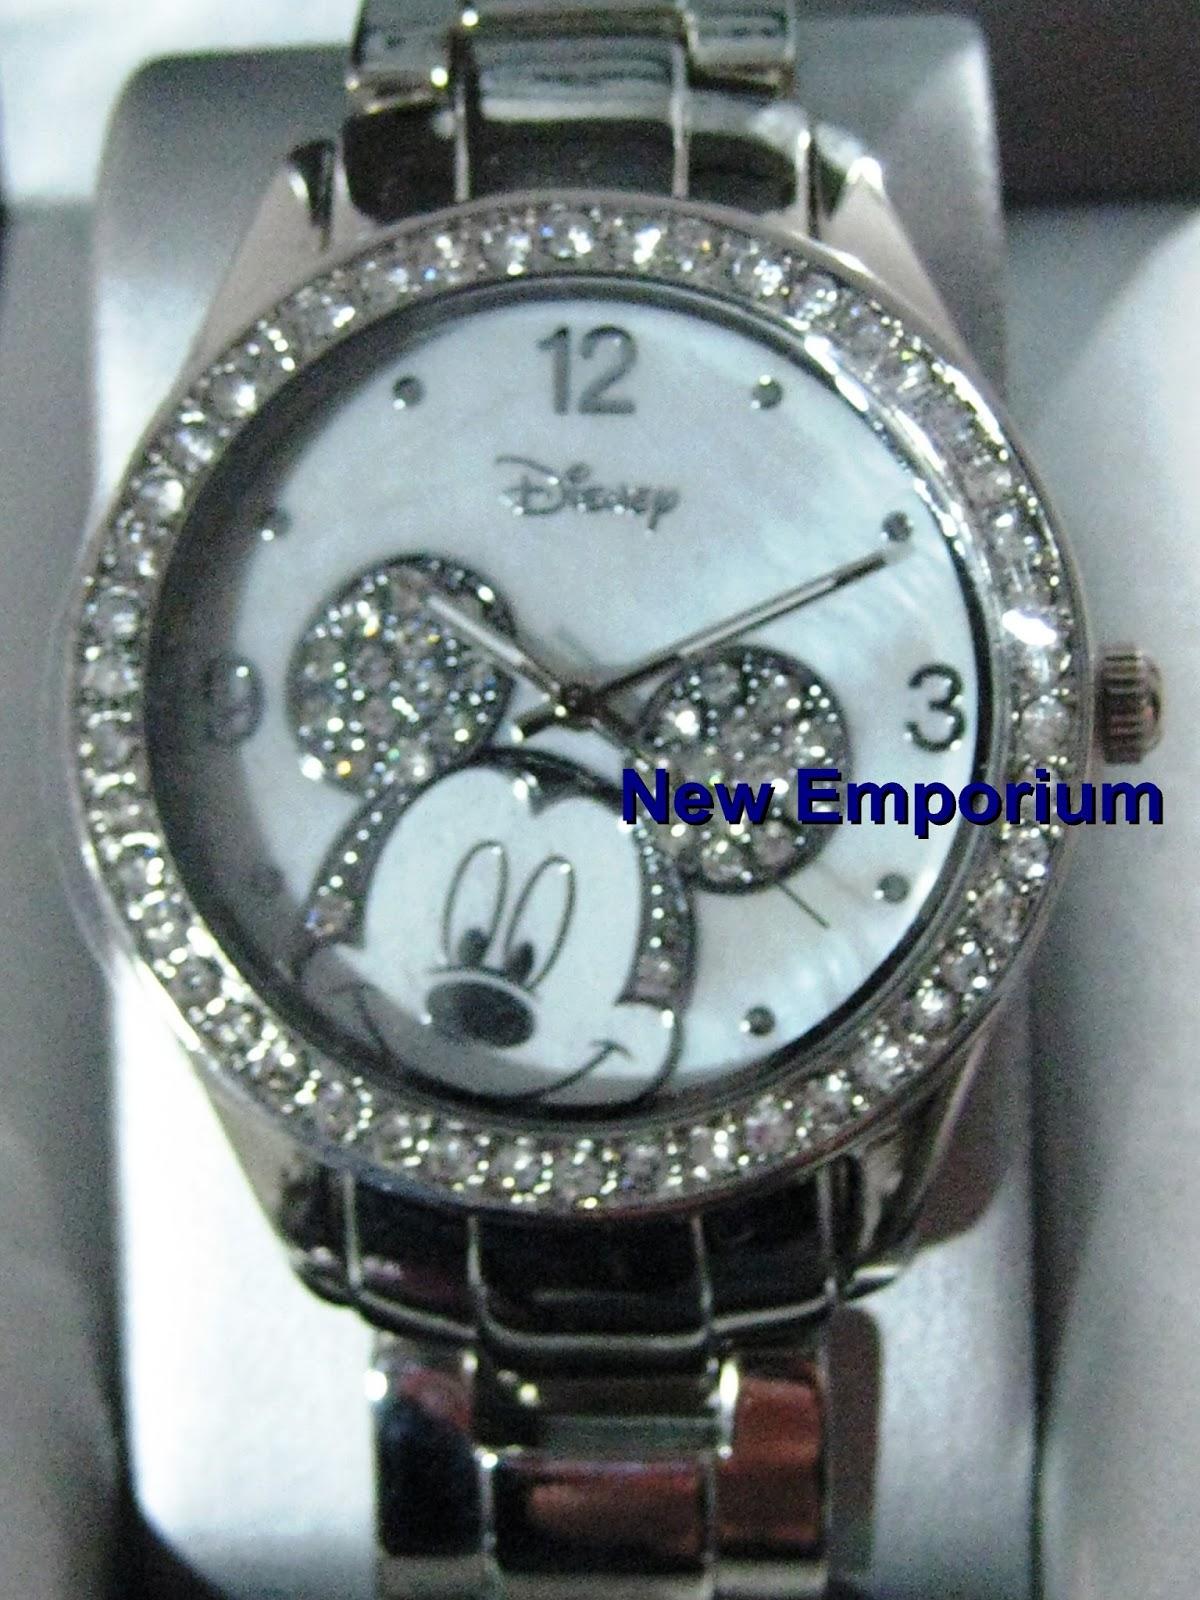 3afd450219f New Emporium - Artigos infantis  Relógio prateado do Mickey. Disney.